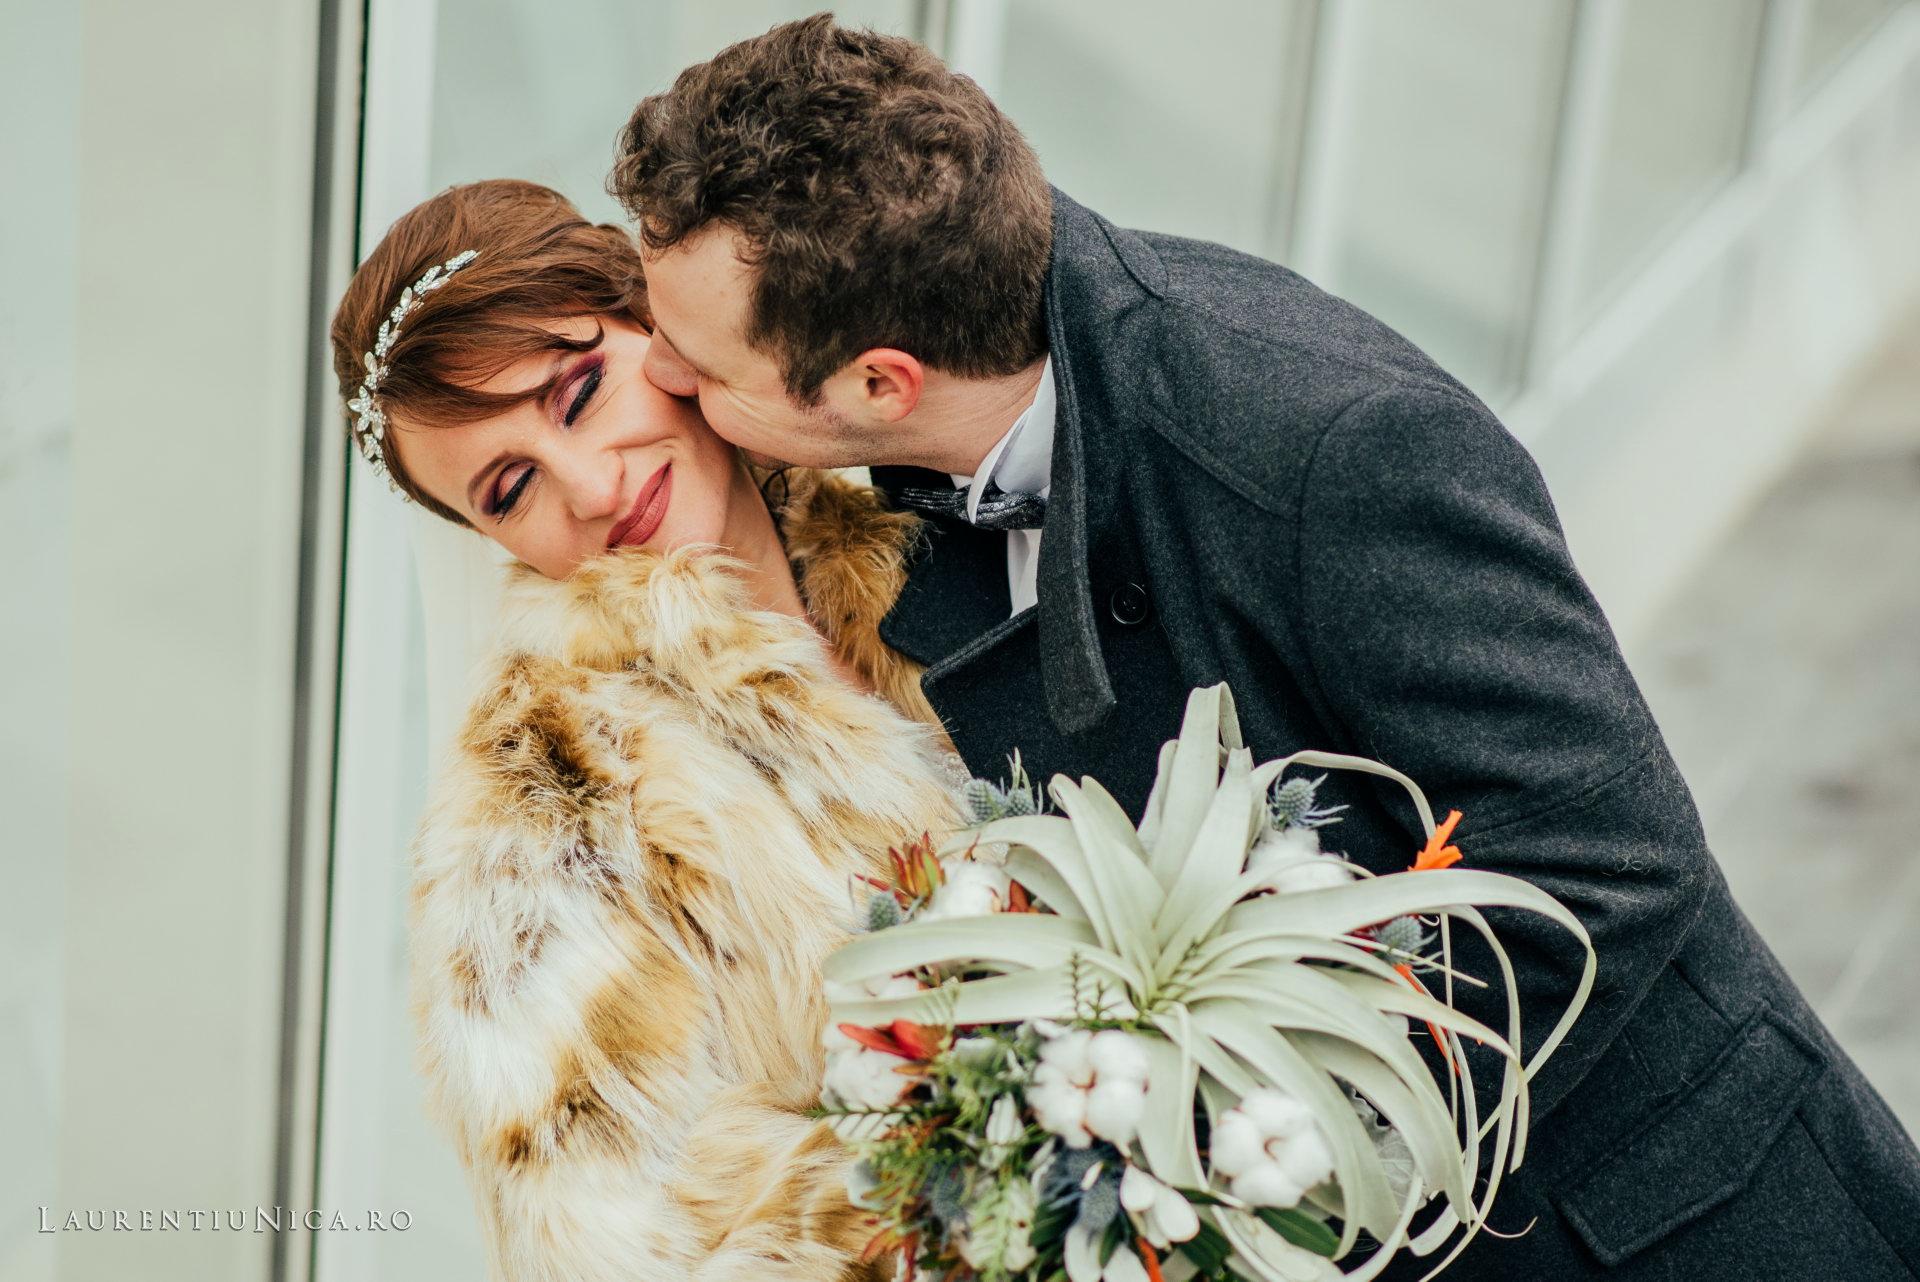 daniela si marius fotografii nunta craiova laurentiu nica40 - Daniela & Marius | Fotografii nunta